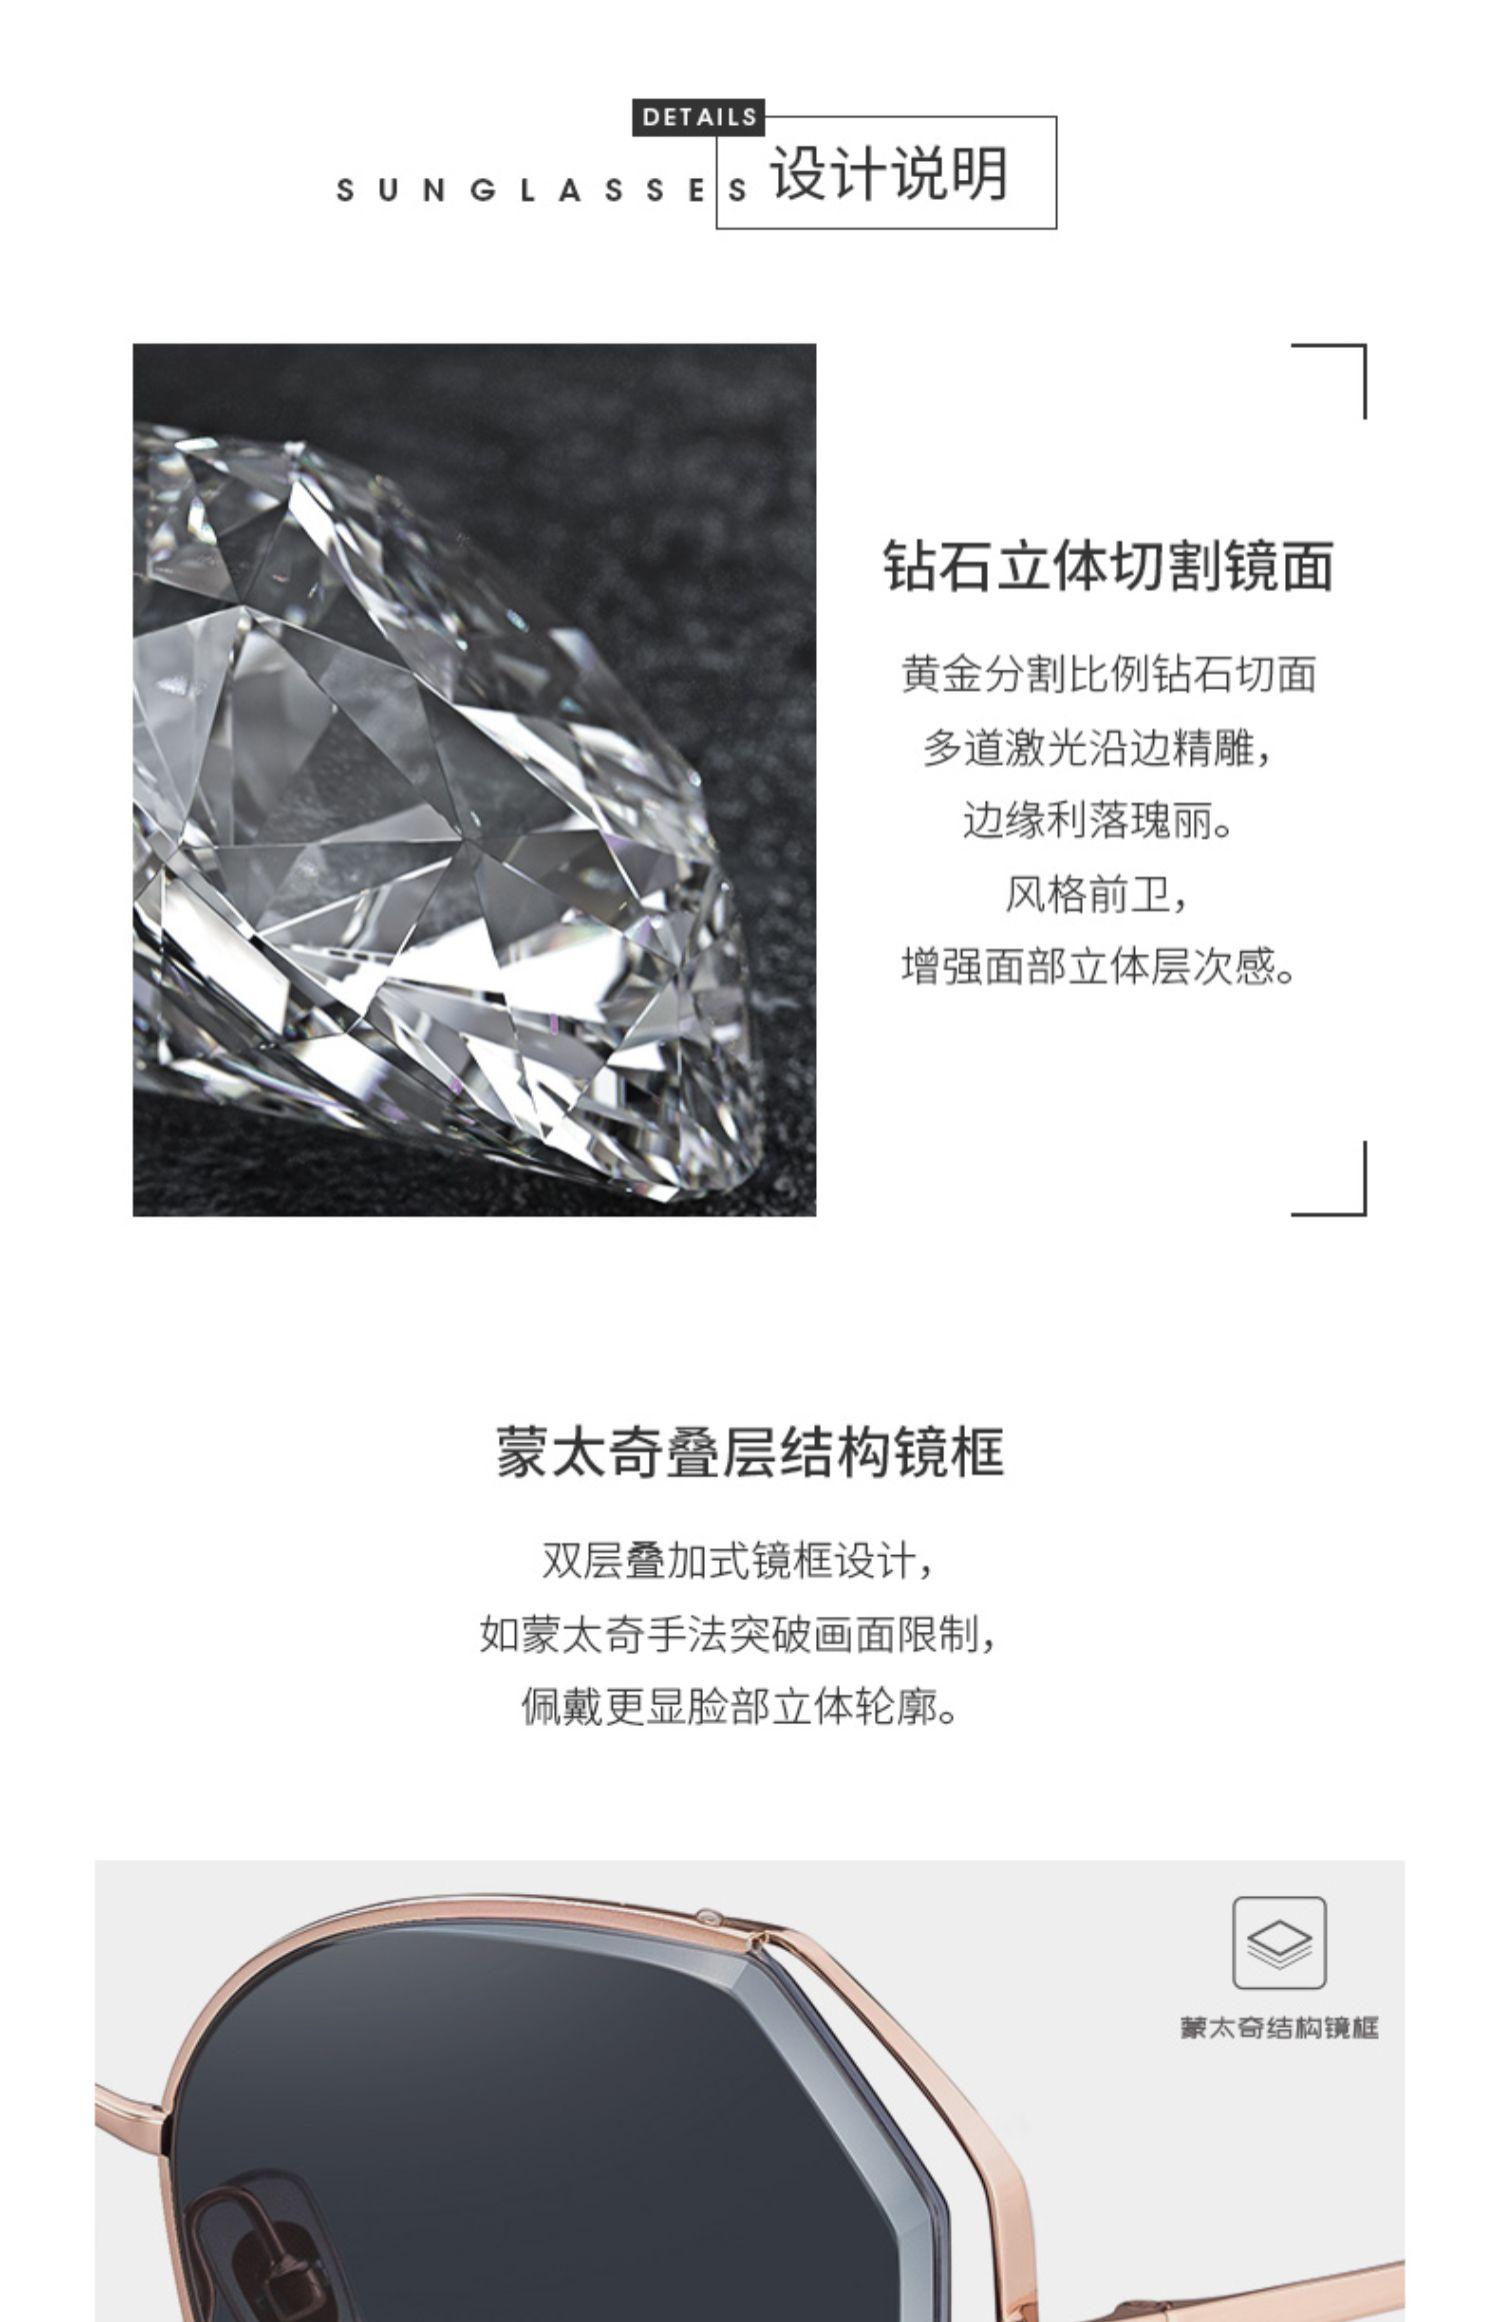 海伦凯勒2019新款韩版潮流明星眼镜大框太阳镜圆脸偏光墨镜女8826商品详情图